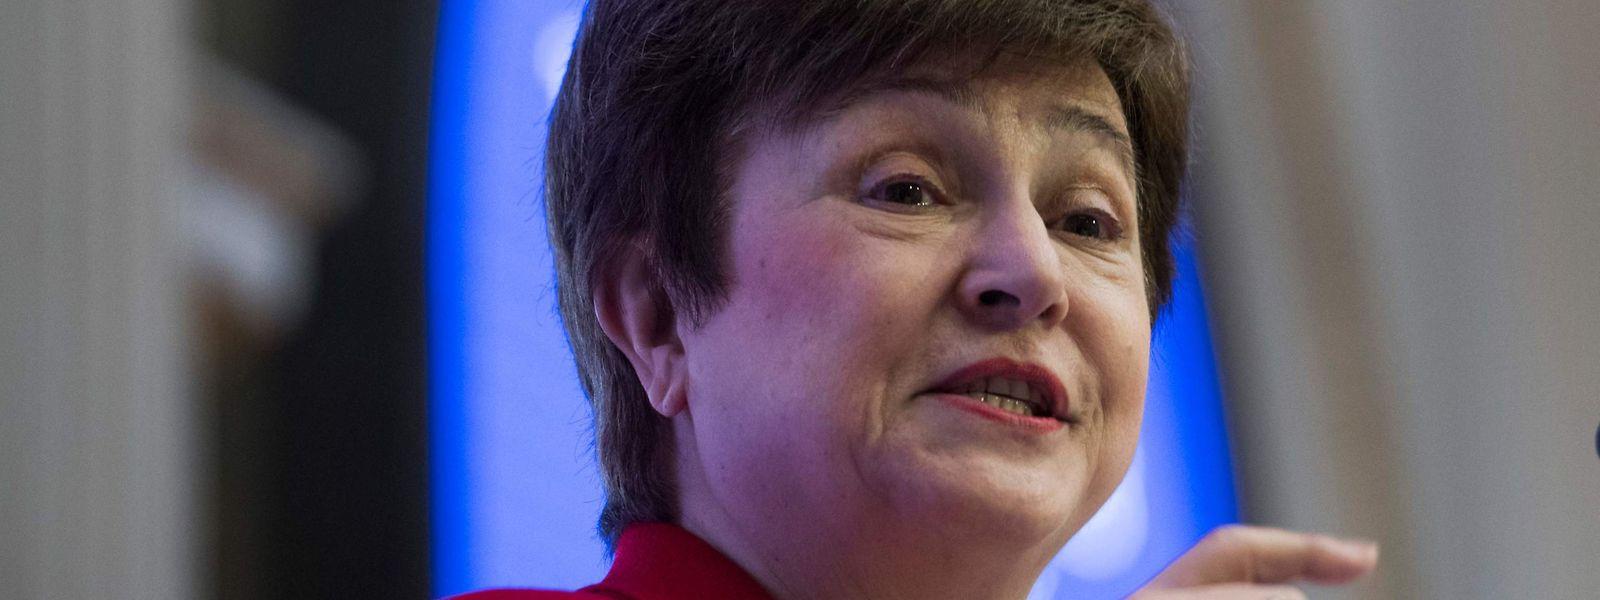 Kristalina Georgieva, actuelle directrice de la Banque mondiale, a été choisie par les Européens comme candidate pour succéder à Christine Lagarde, en partance pour la présidence de la BCE..